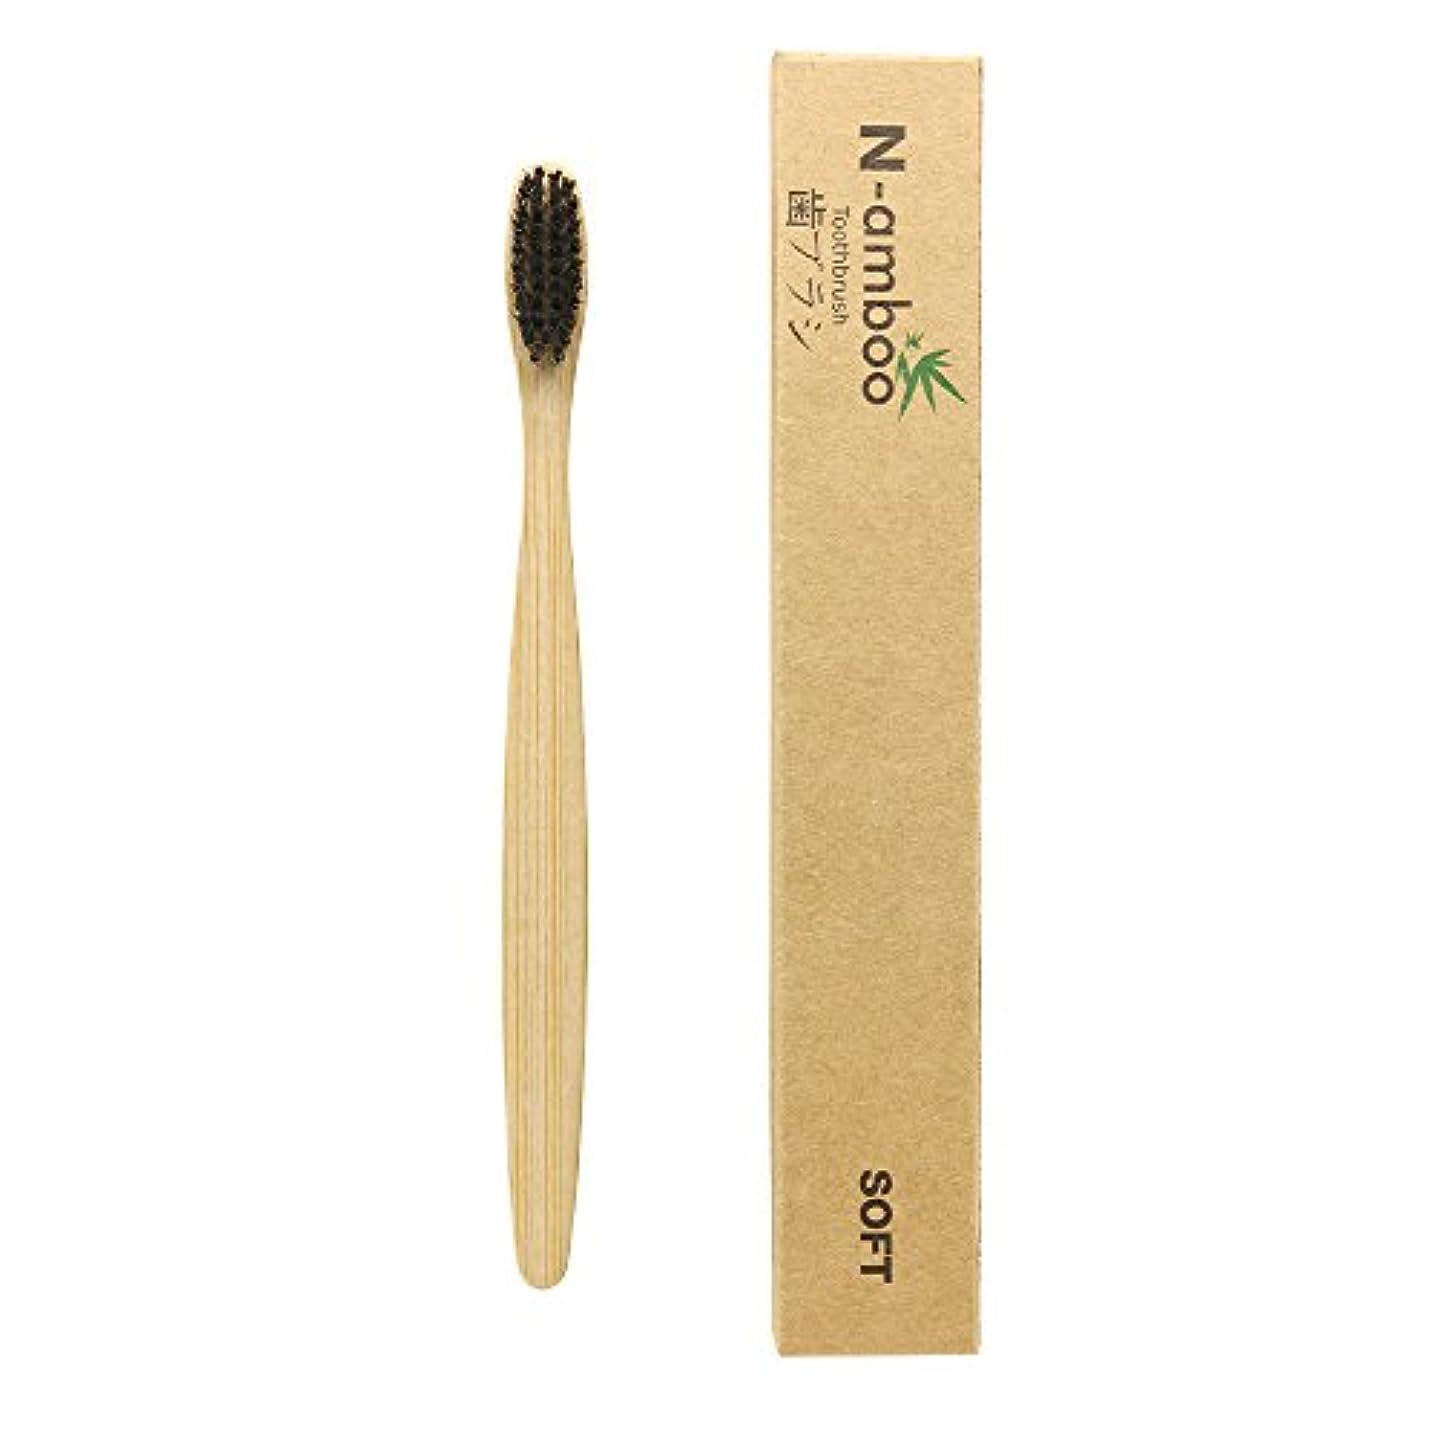 テーブルである要件N-amboo 歯ブラシ 1本入り 竹製 高耐久性 黒 エコ